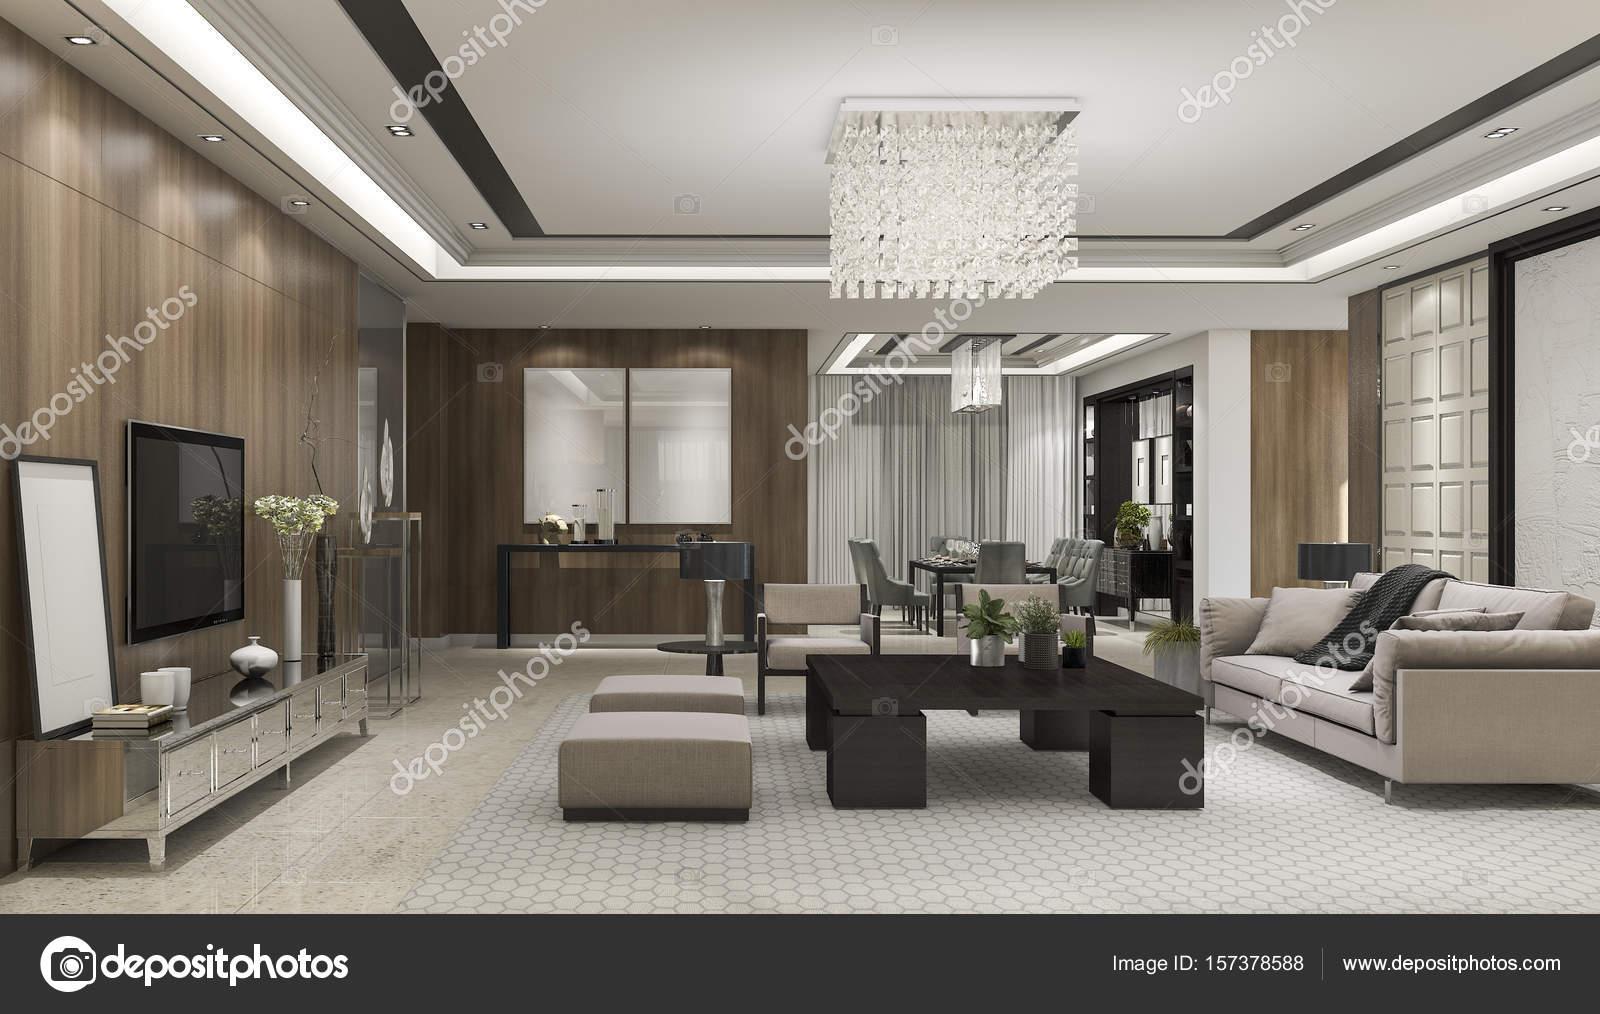 Attraktiv 3D Rendering Luxus Und Modernes Wohnzimmer Mit Kronleuchter U2014 Stockfoto